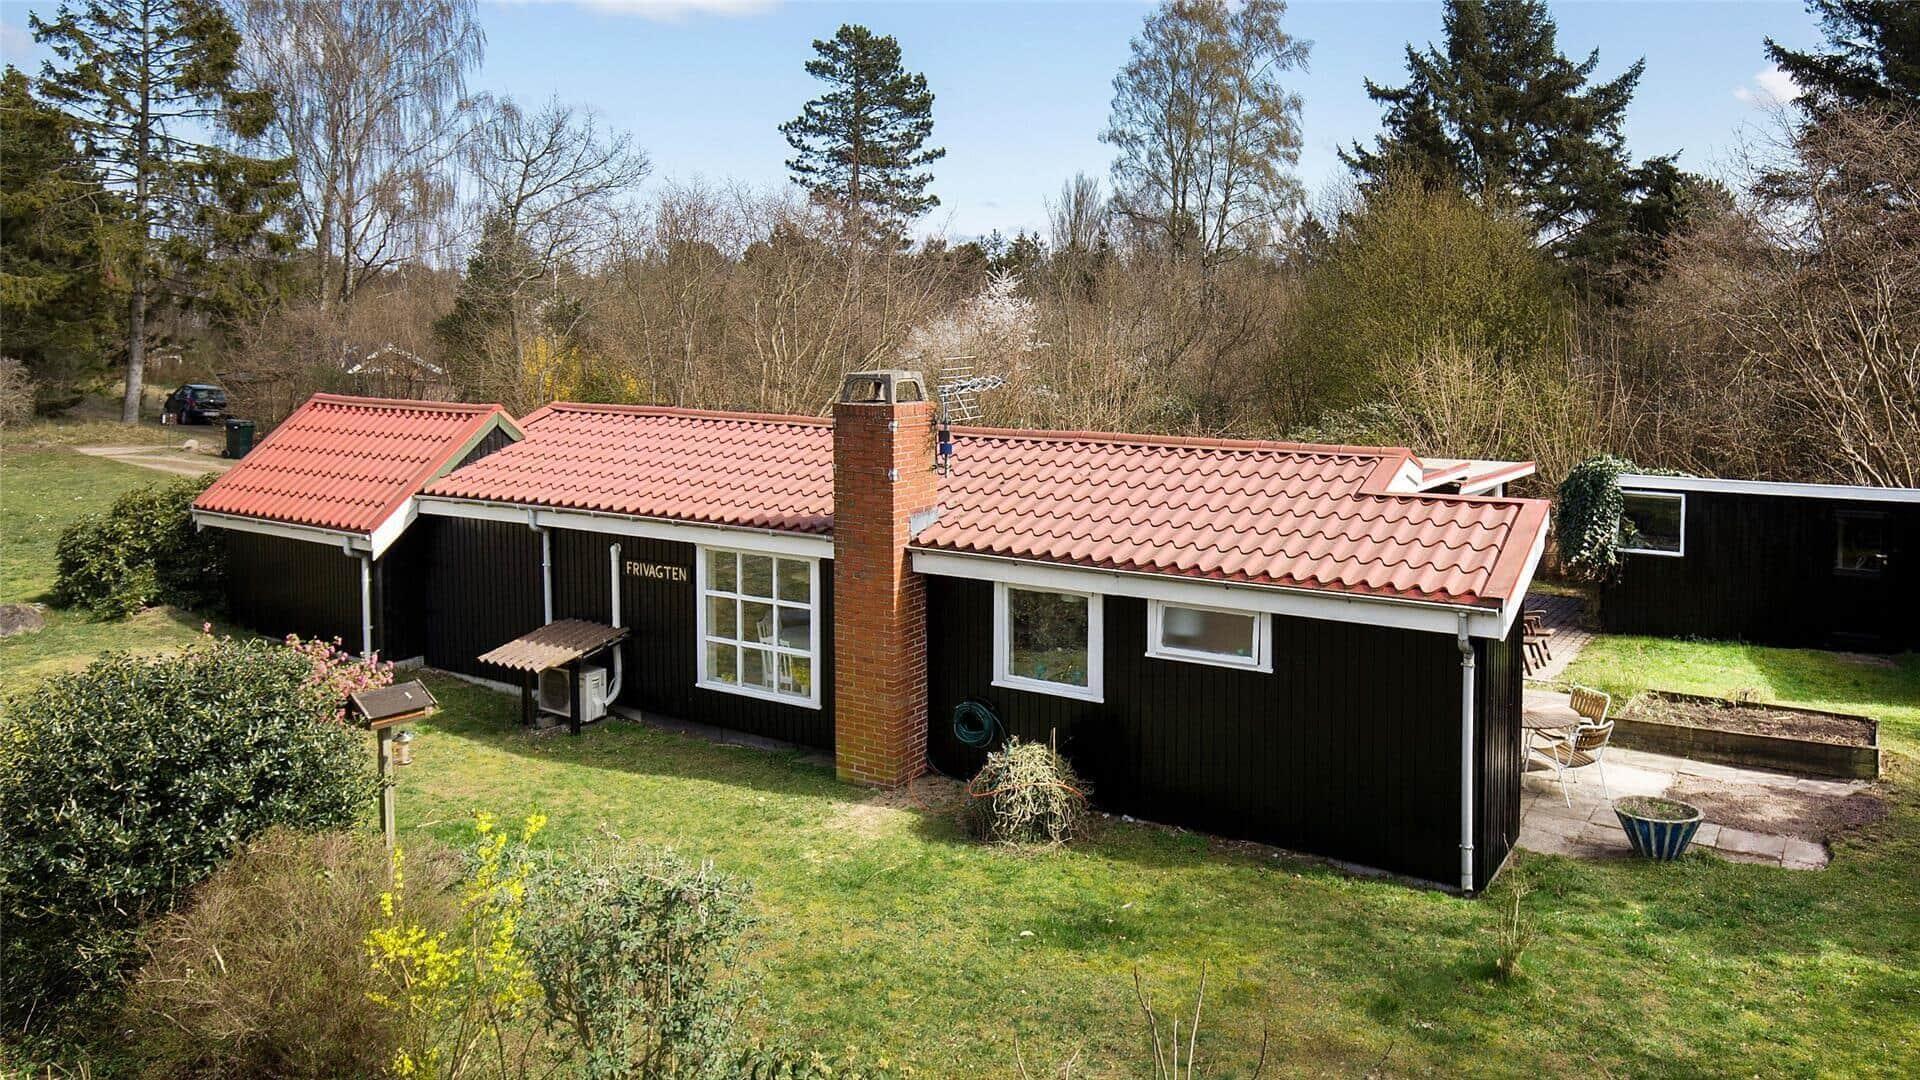 Billede 1-17 Sommerhus 11851, Græslodden 19, DK - 4500 Nykøbing Sj